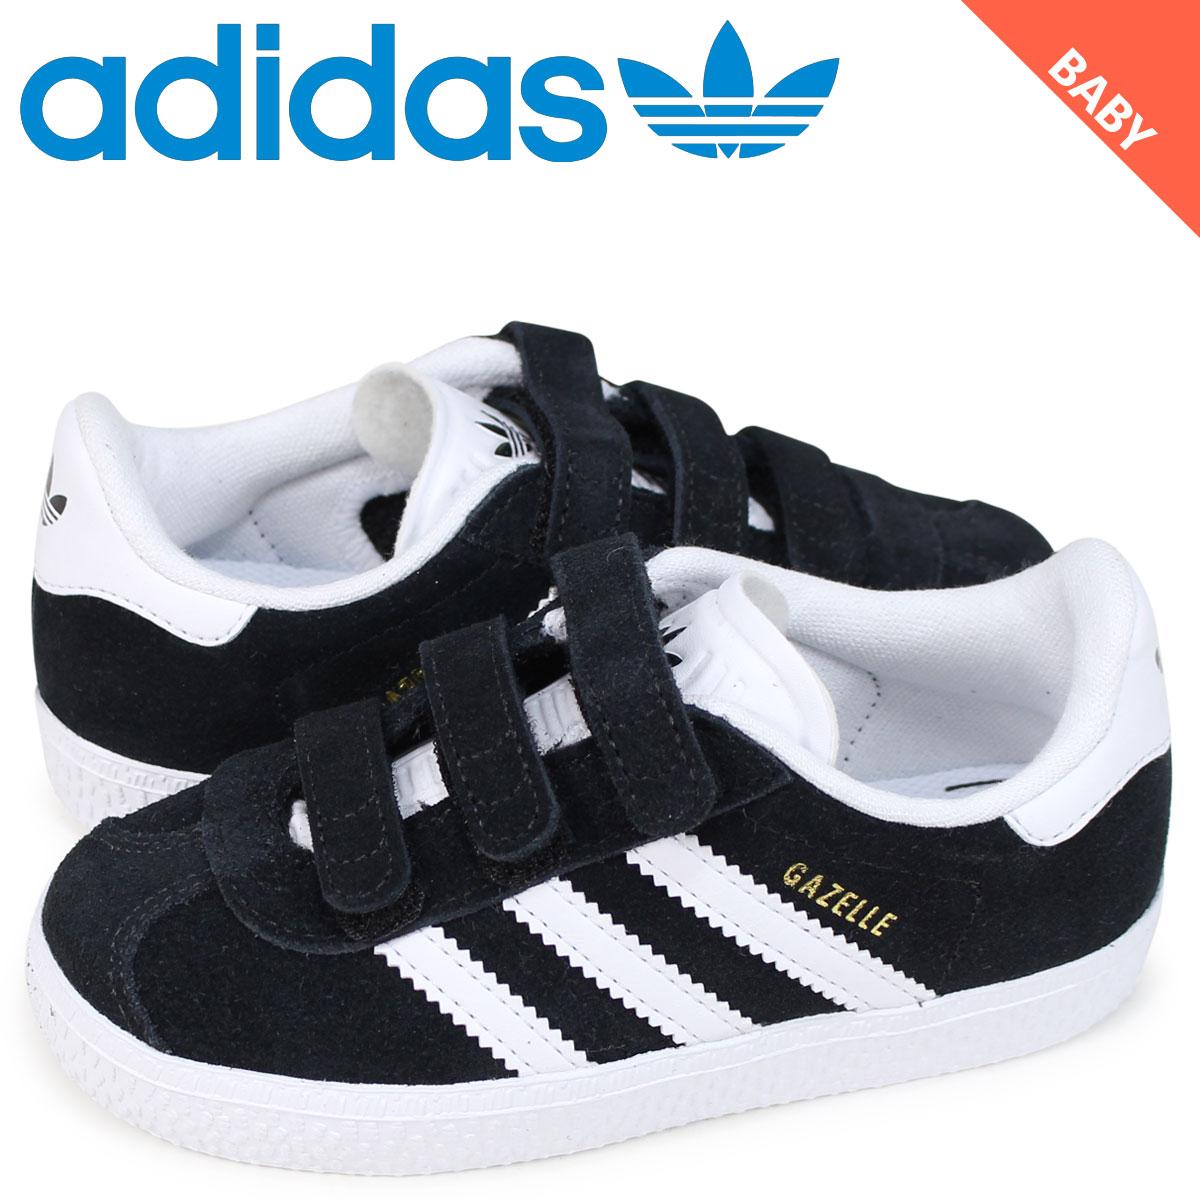 Adidas originals adidas Originals gazelle sneakers baby gut label black GAZELLE CF I black CG3139